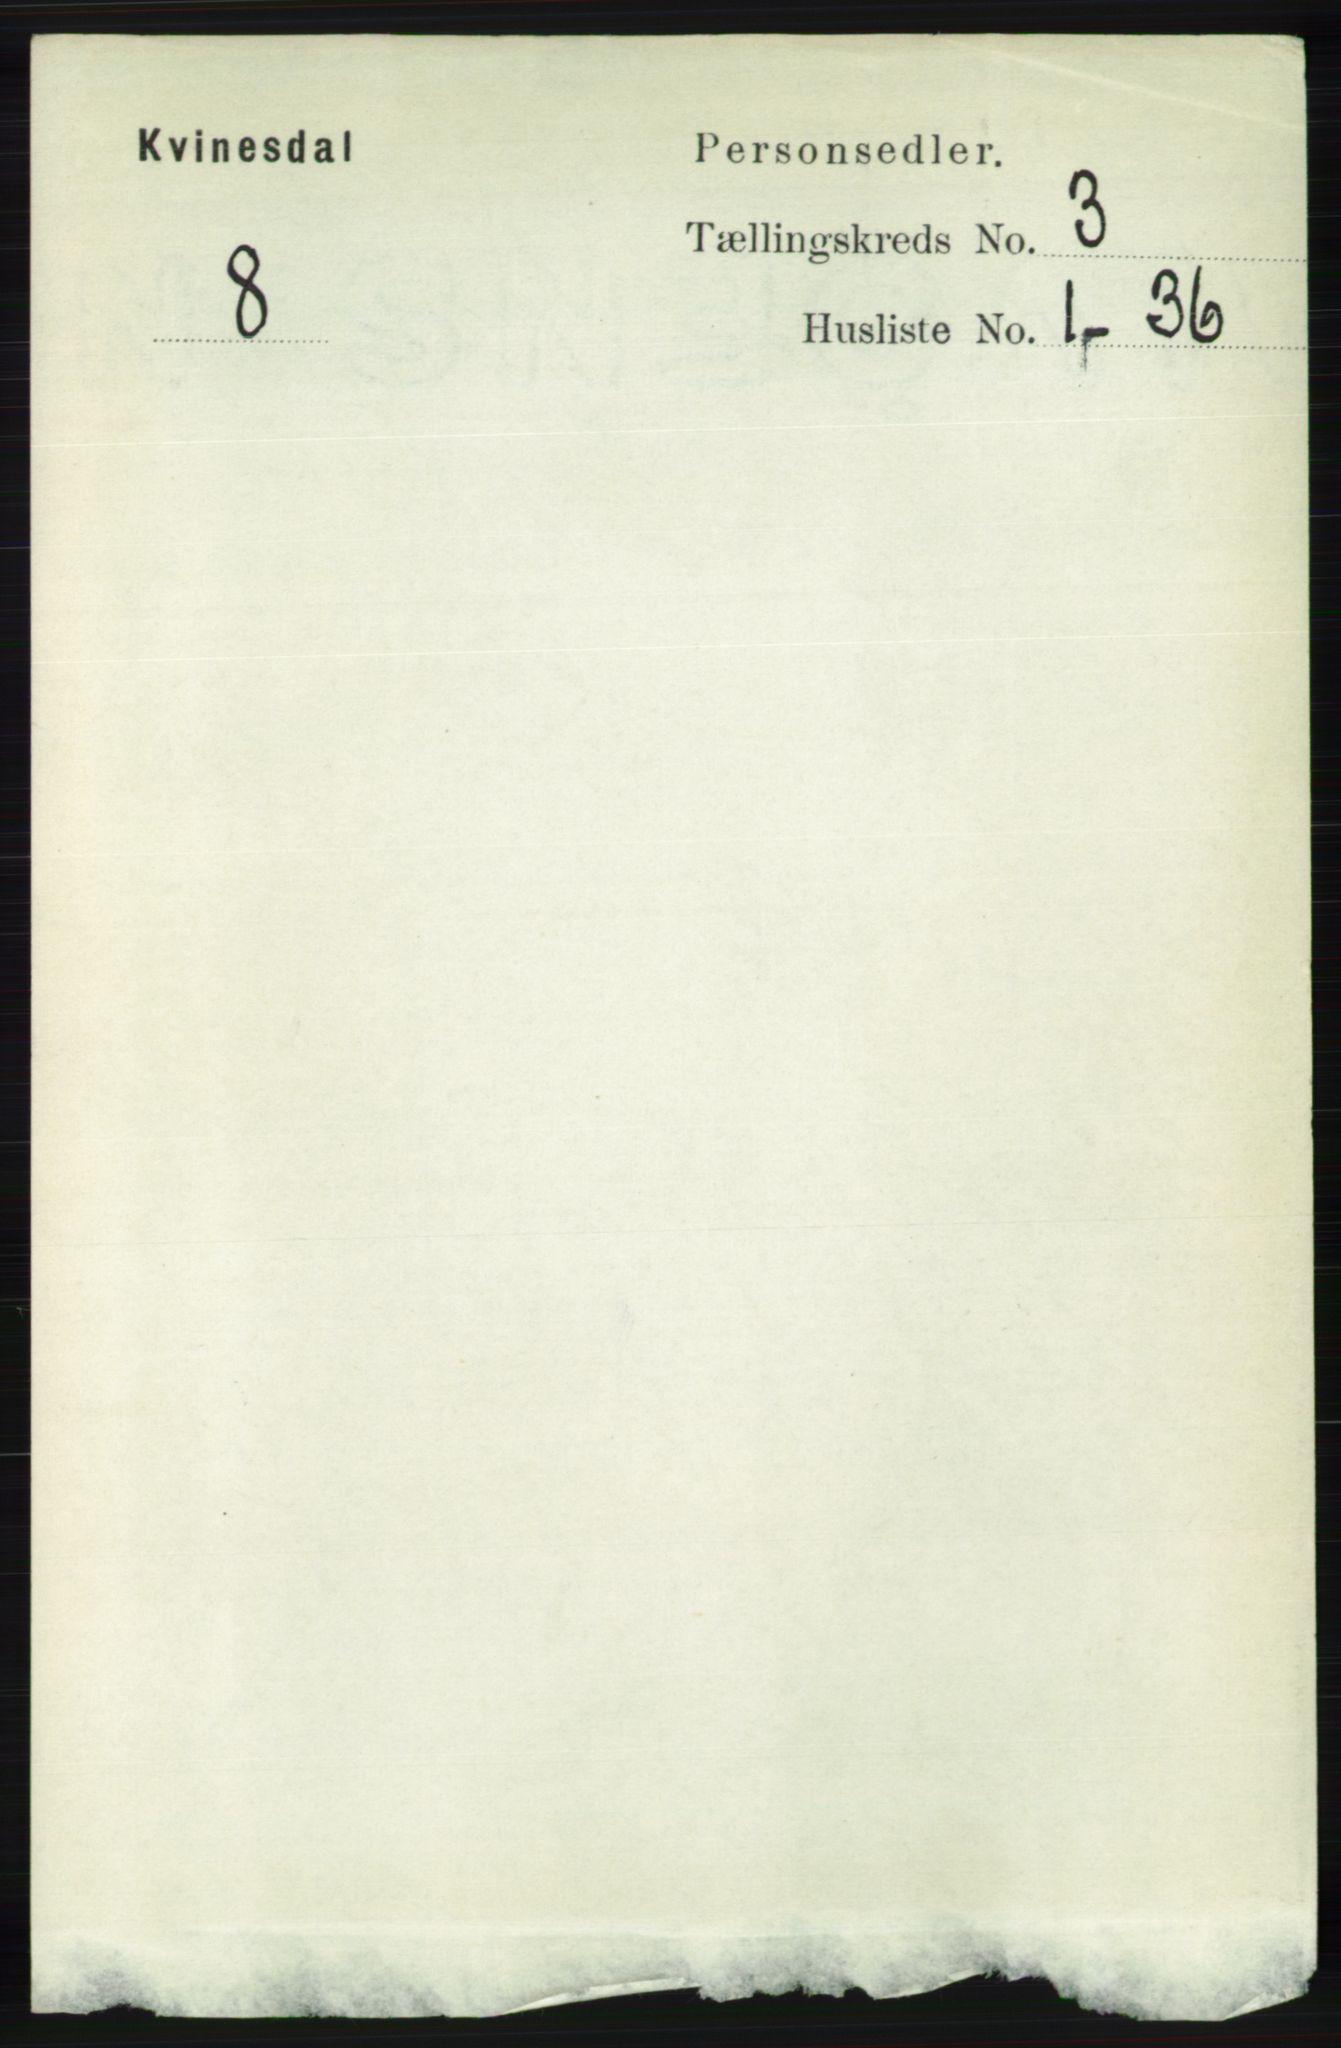 RA, Folketelling 1891 for 1037 Kvinesdal herred, 1891, s. 1024